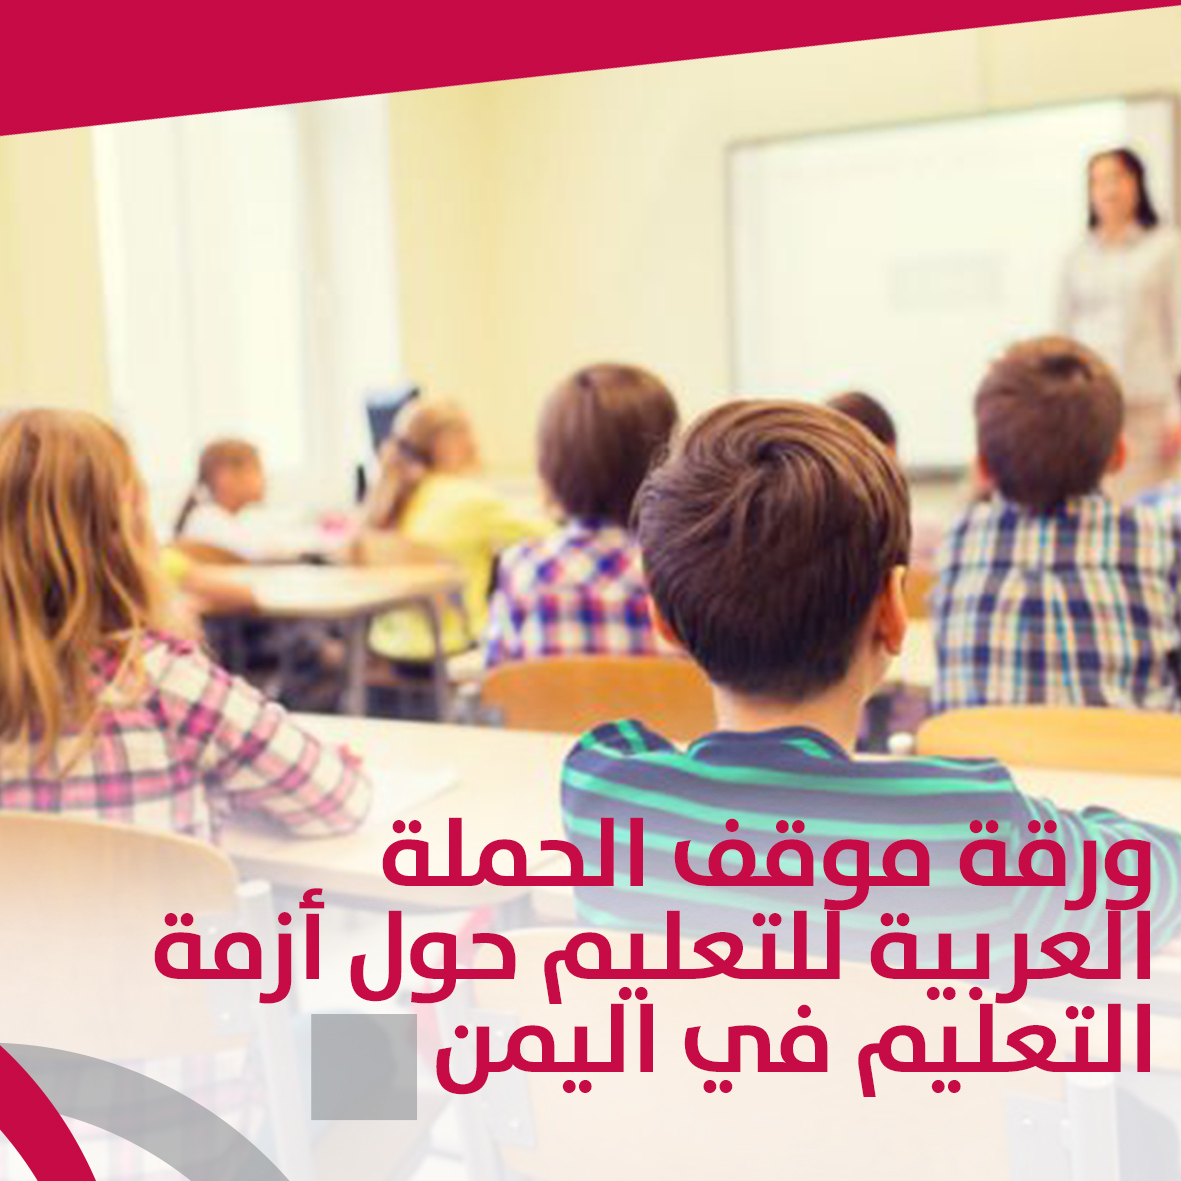 ورقة موقف الحملة العربية للتعليم حول أزمة التعليم في اليمن